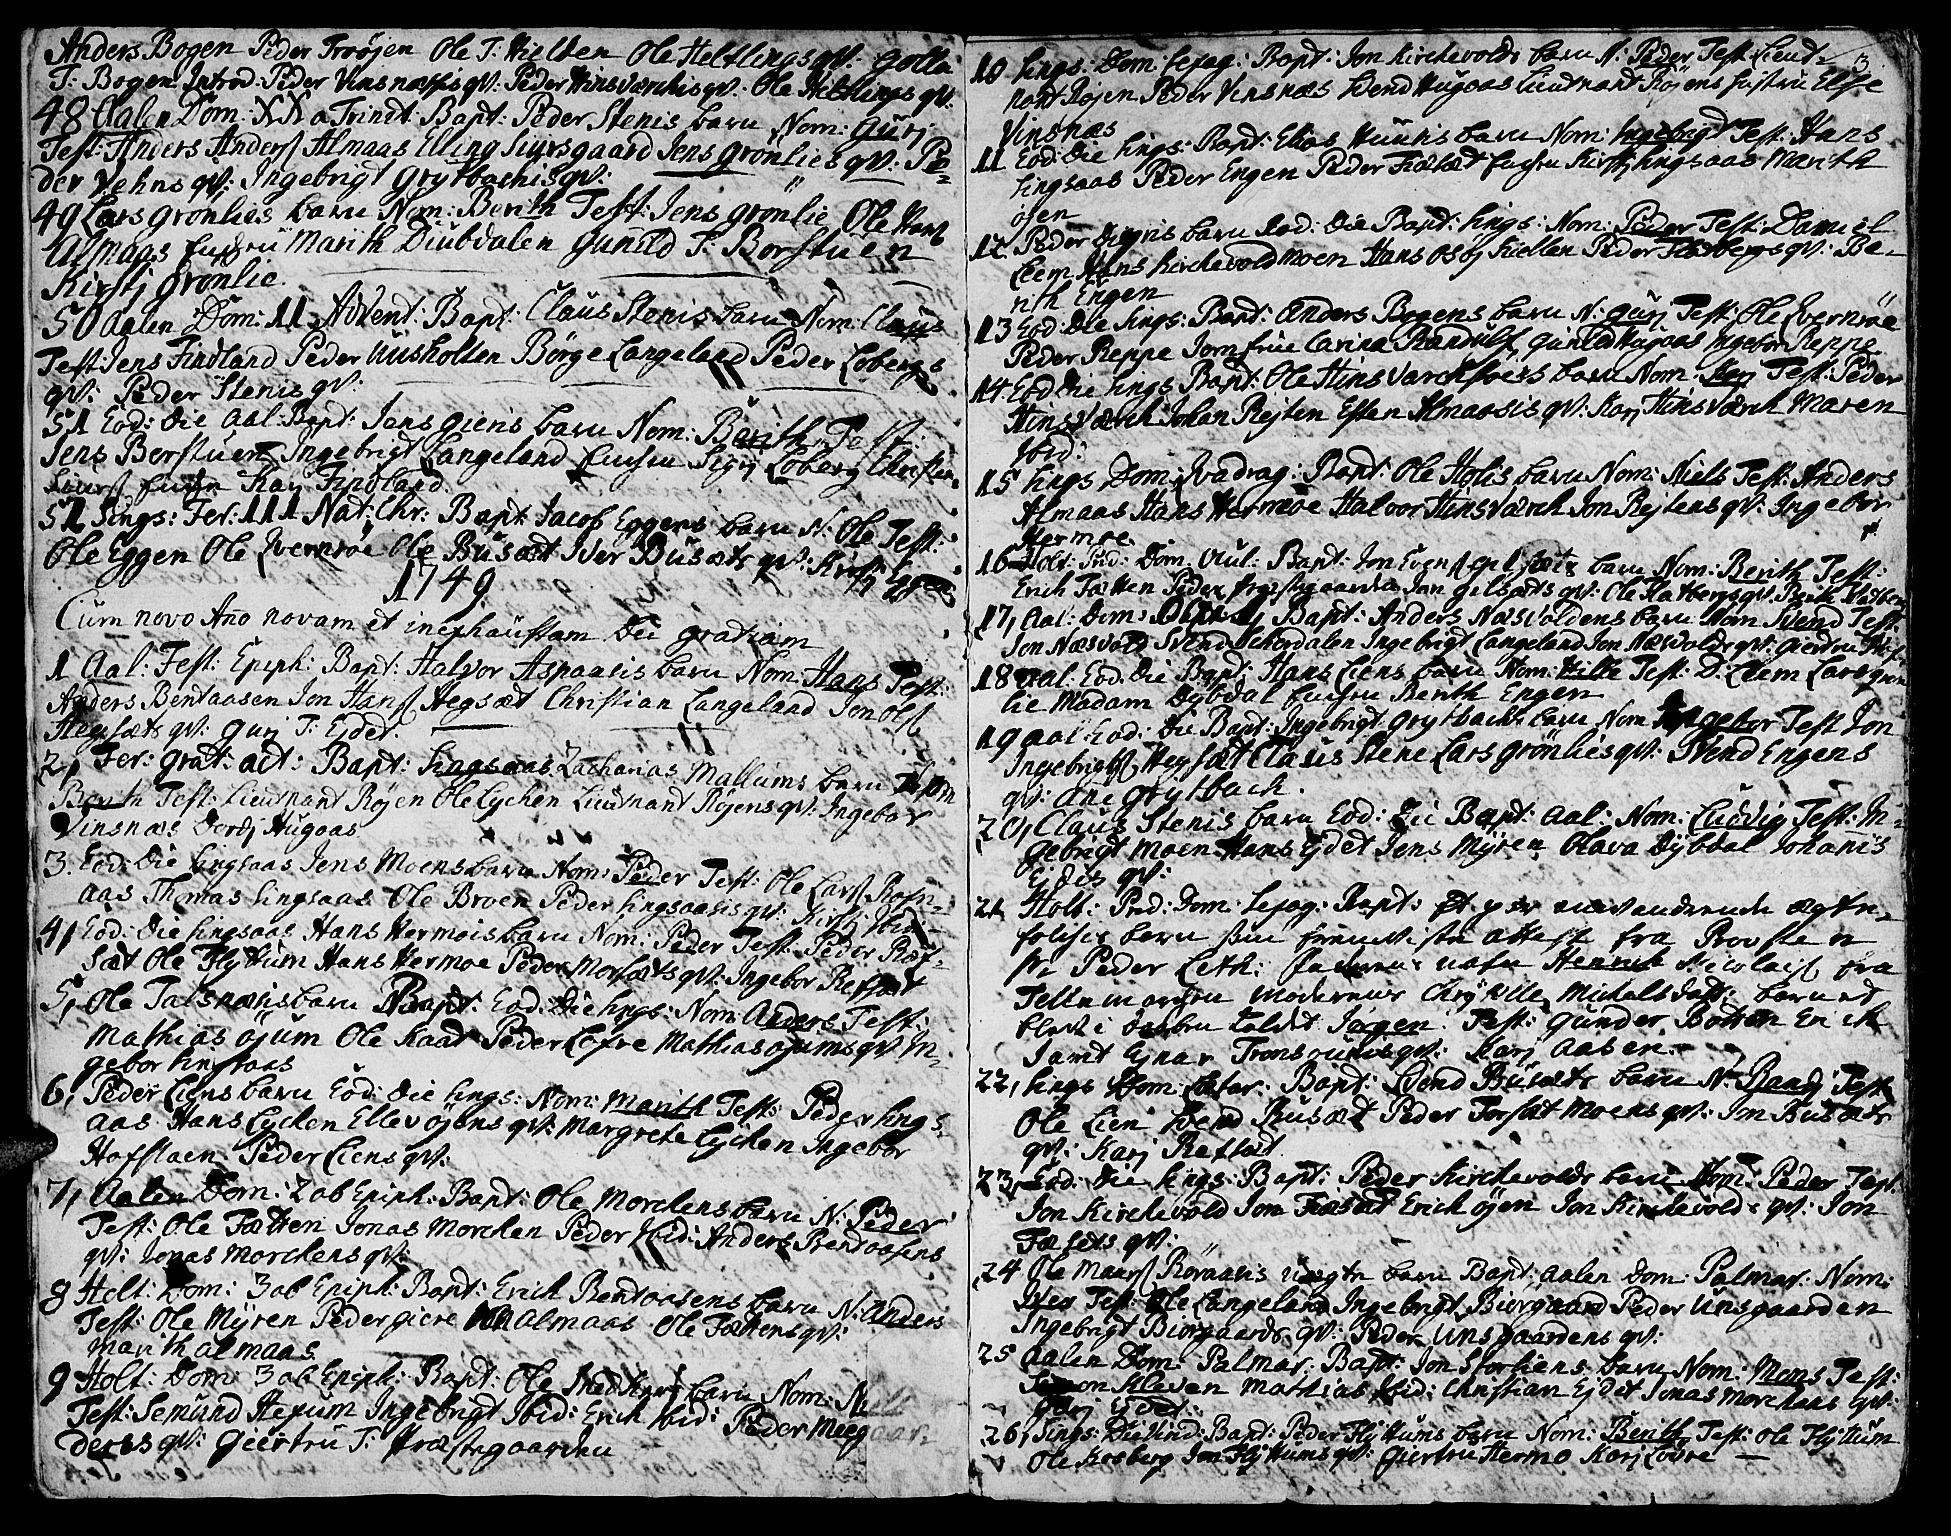 SAT, Ministerialprotokoller, klokkerbøker og fødselsregistre - Sør-Trøndelag, 685/L0952: Ministerialbok nr. 685A01, 1745-1804, s. 3